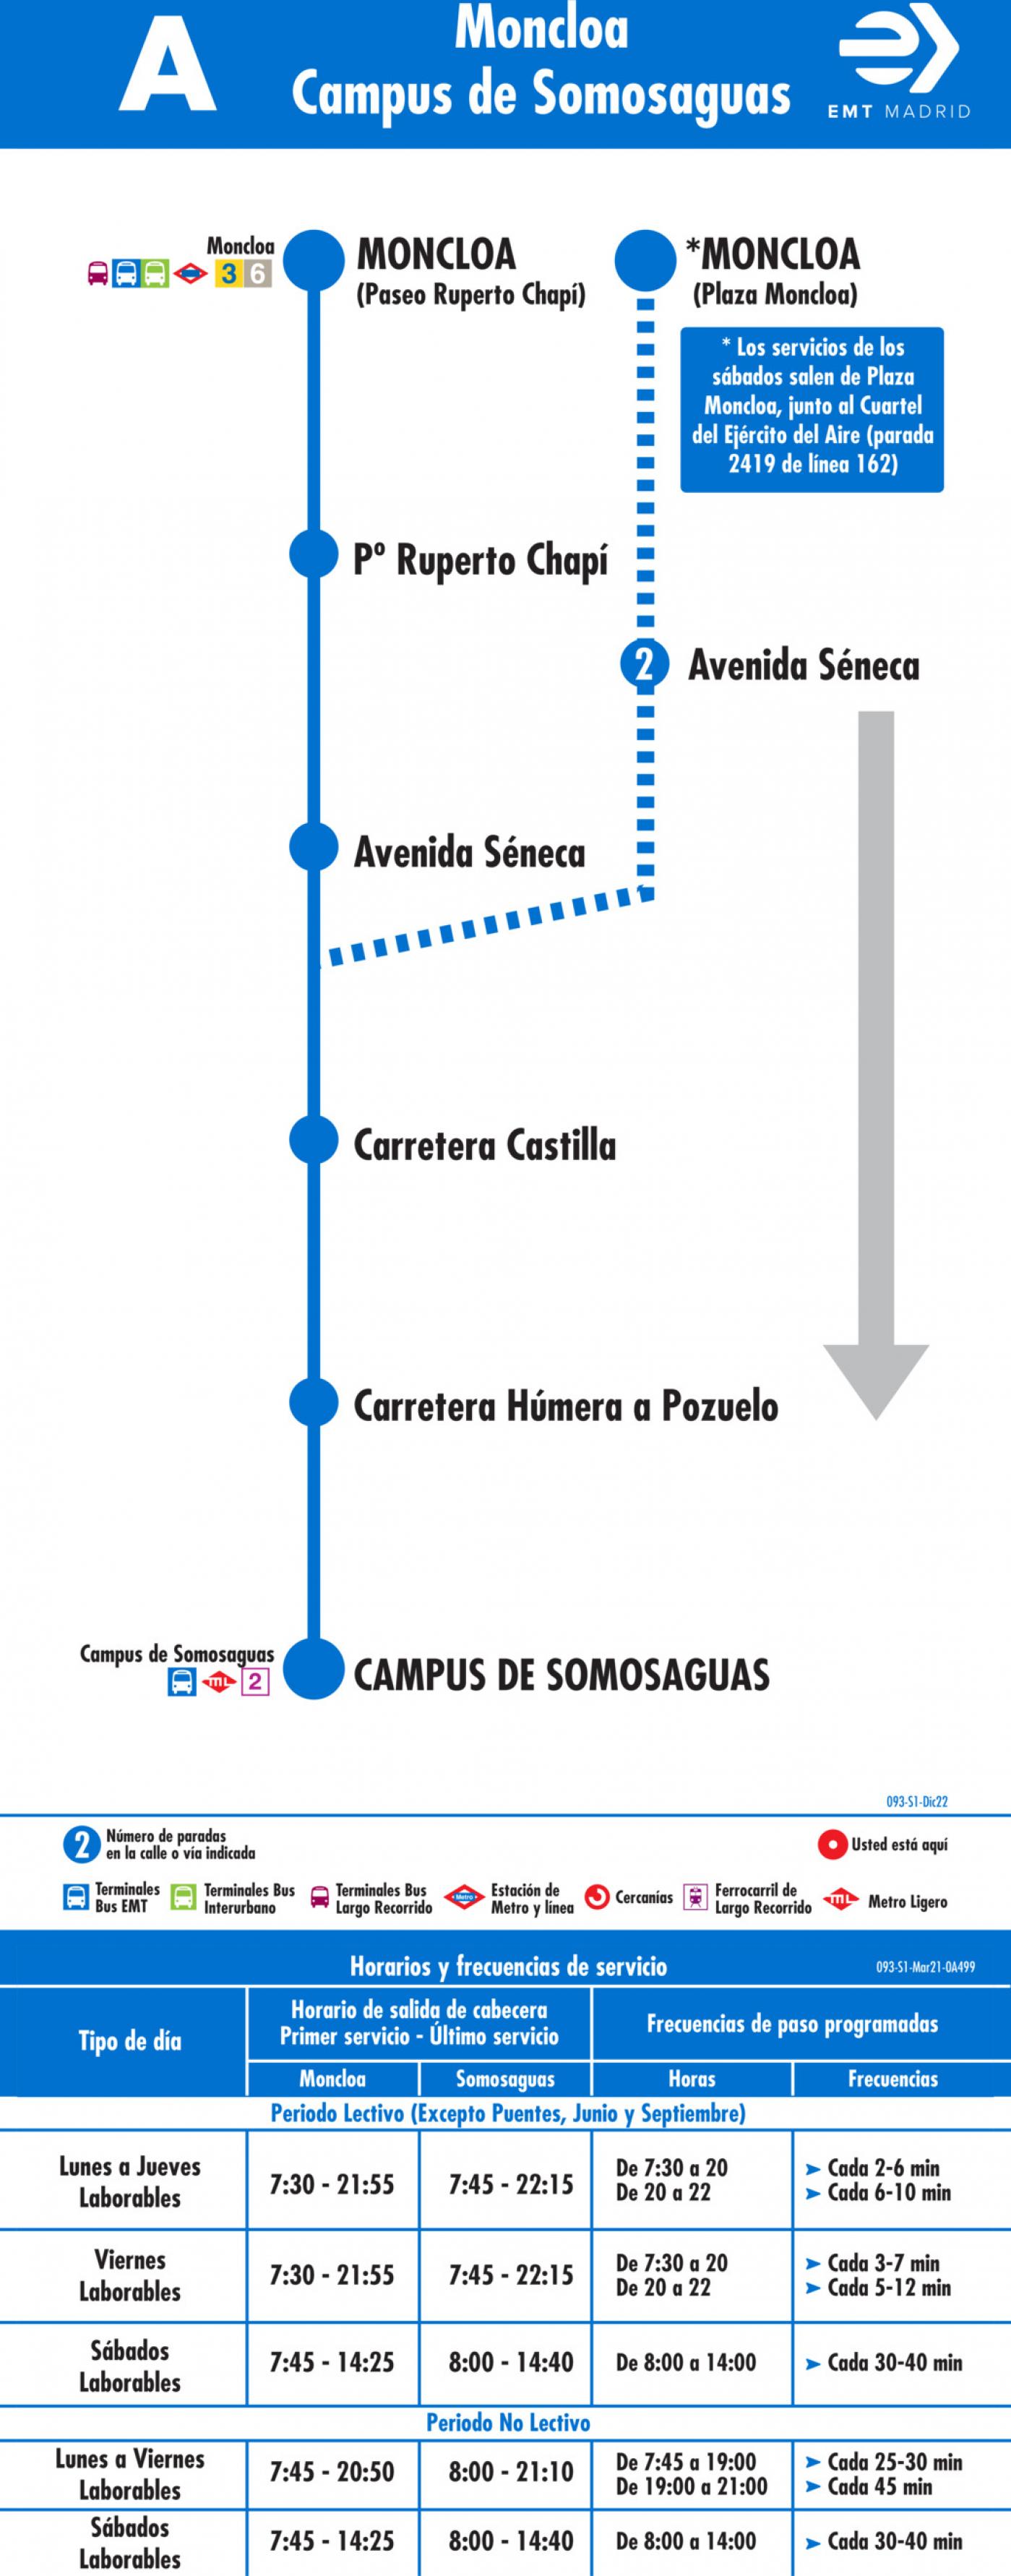 Tabla de horarios y frecuencias de paso en sentido ida Línea A: Moncloa - Campus de Somosaguas